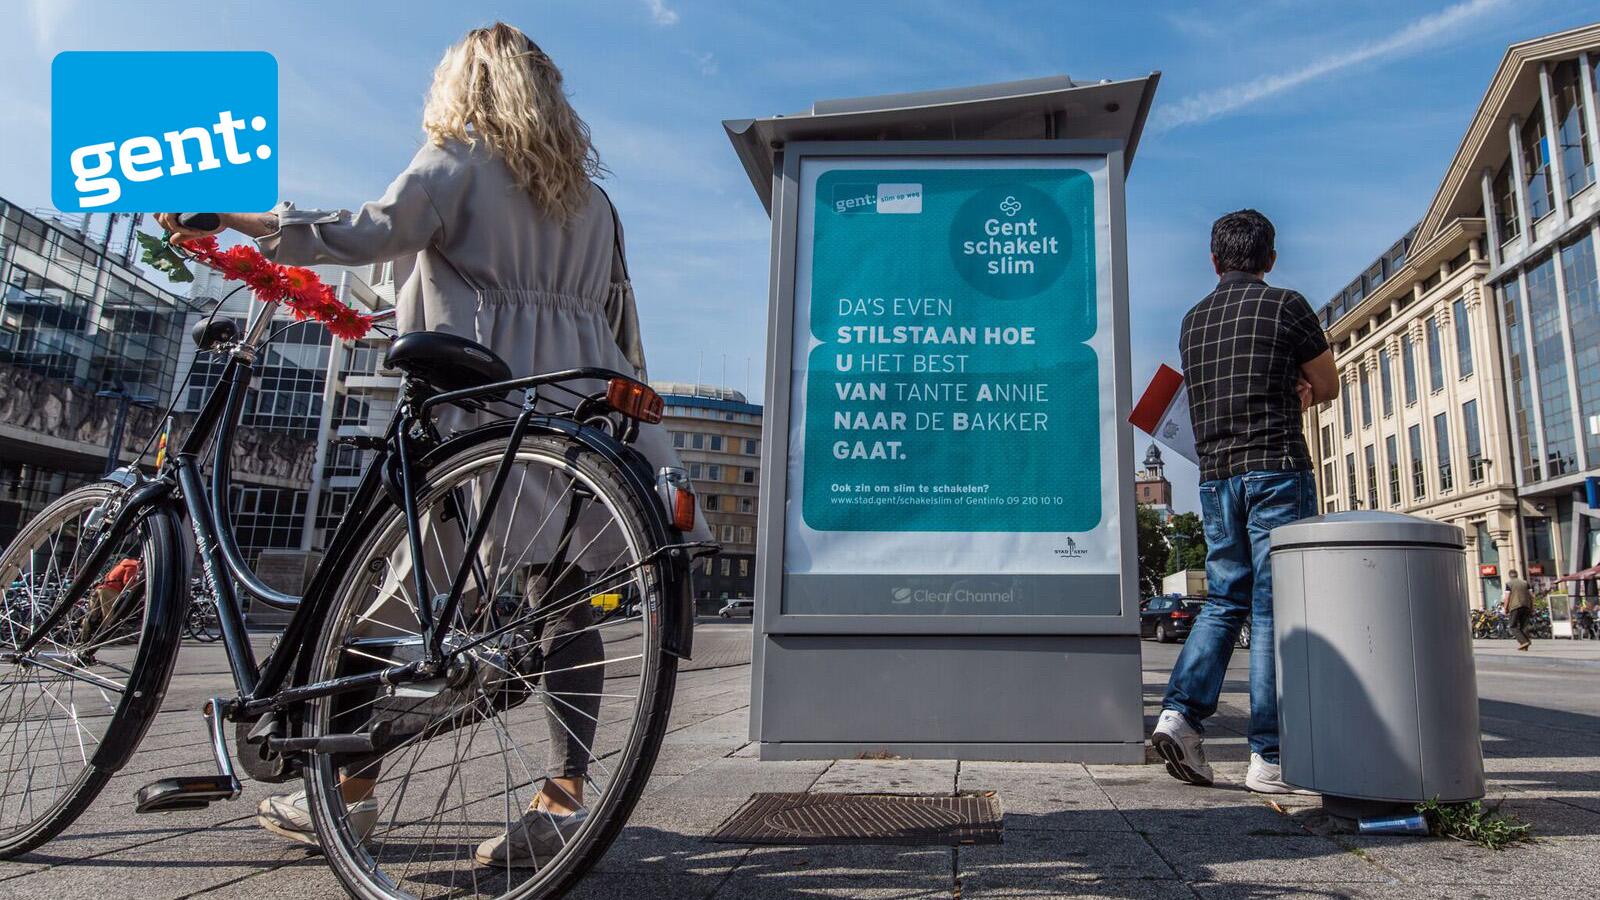 Affiche voor campagne rond nieuw circulatieplan in Stad Gent